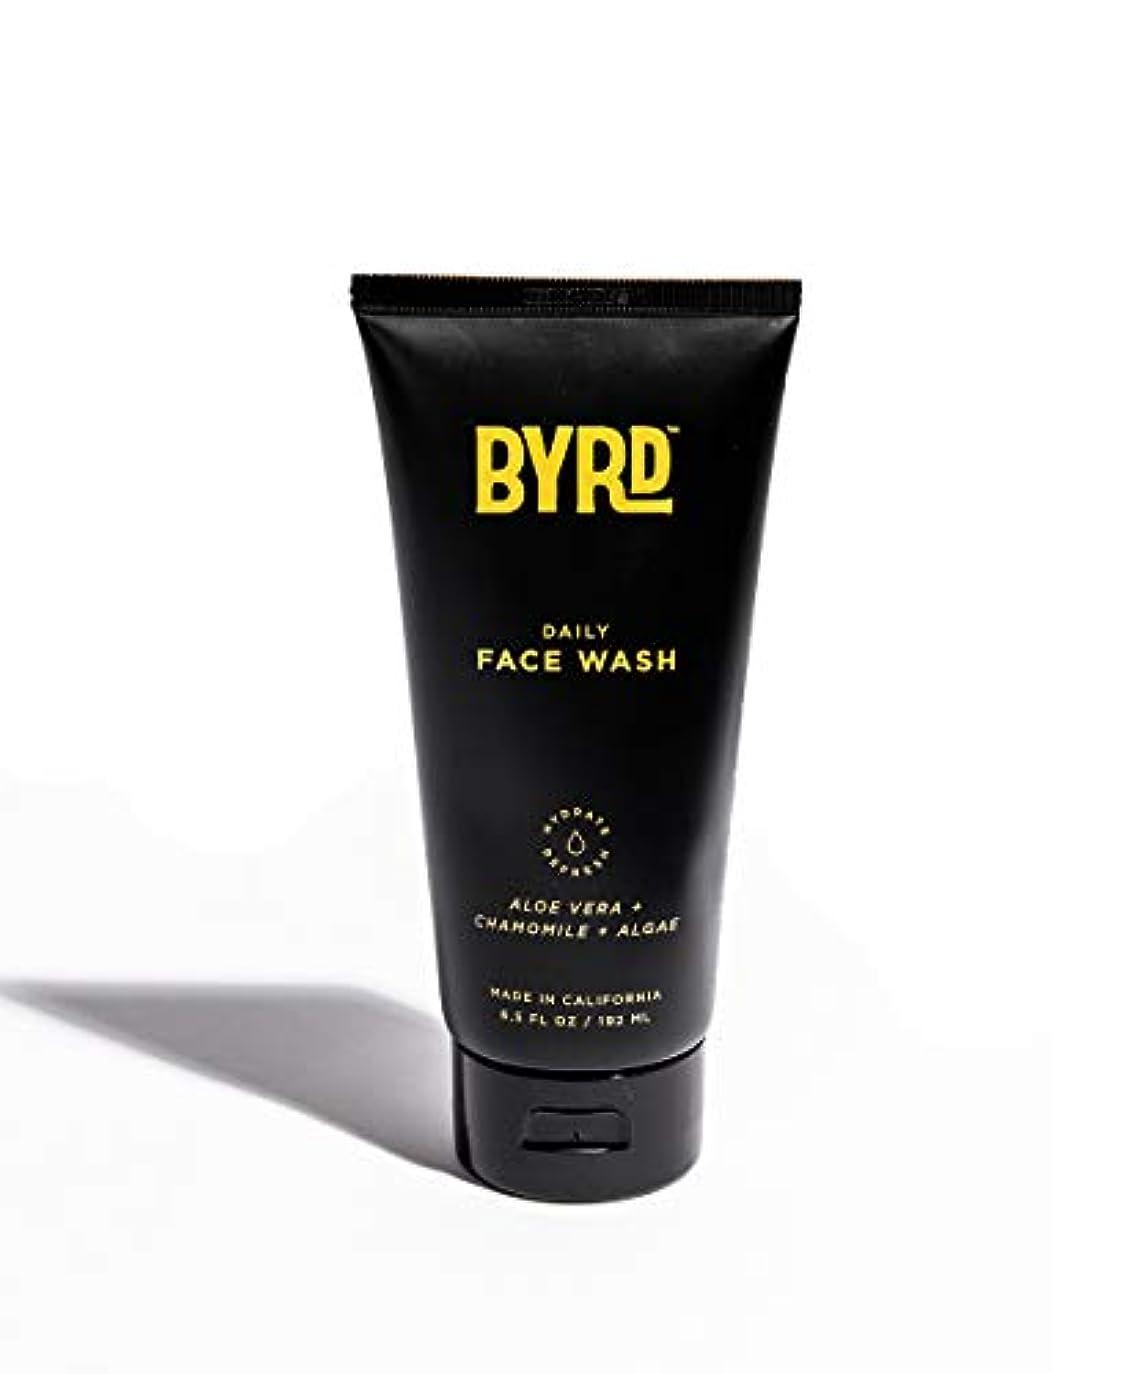 誠実お願いしますメールBYRD/フェイスウォッシュ メンズコスメ 洗顔 天然成分 スッキリ さっぱり